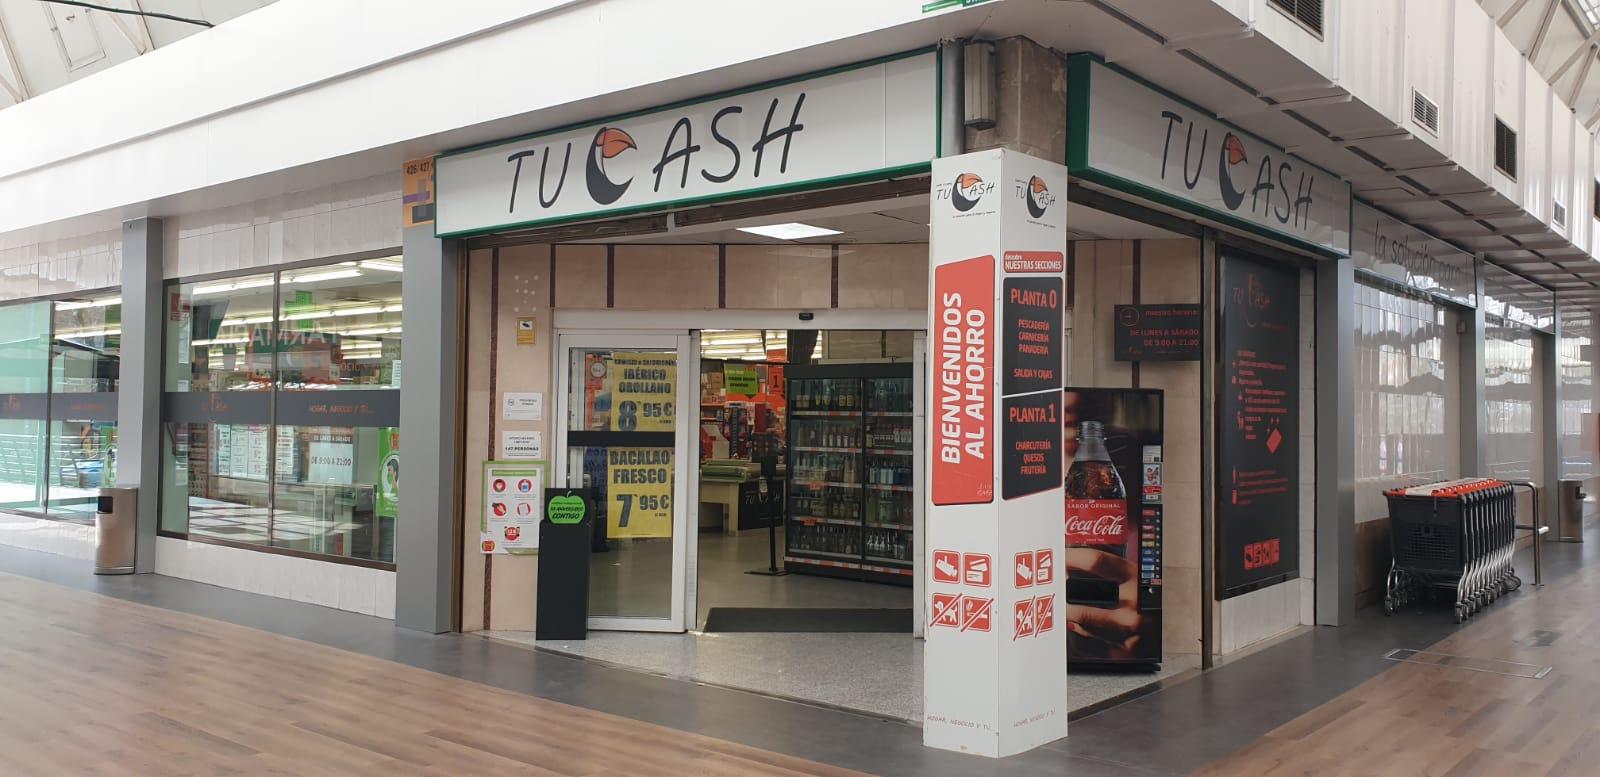 Tu Cash